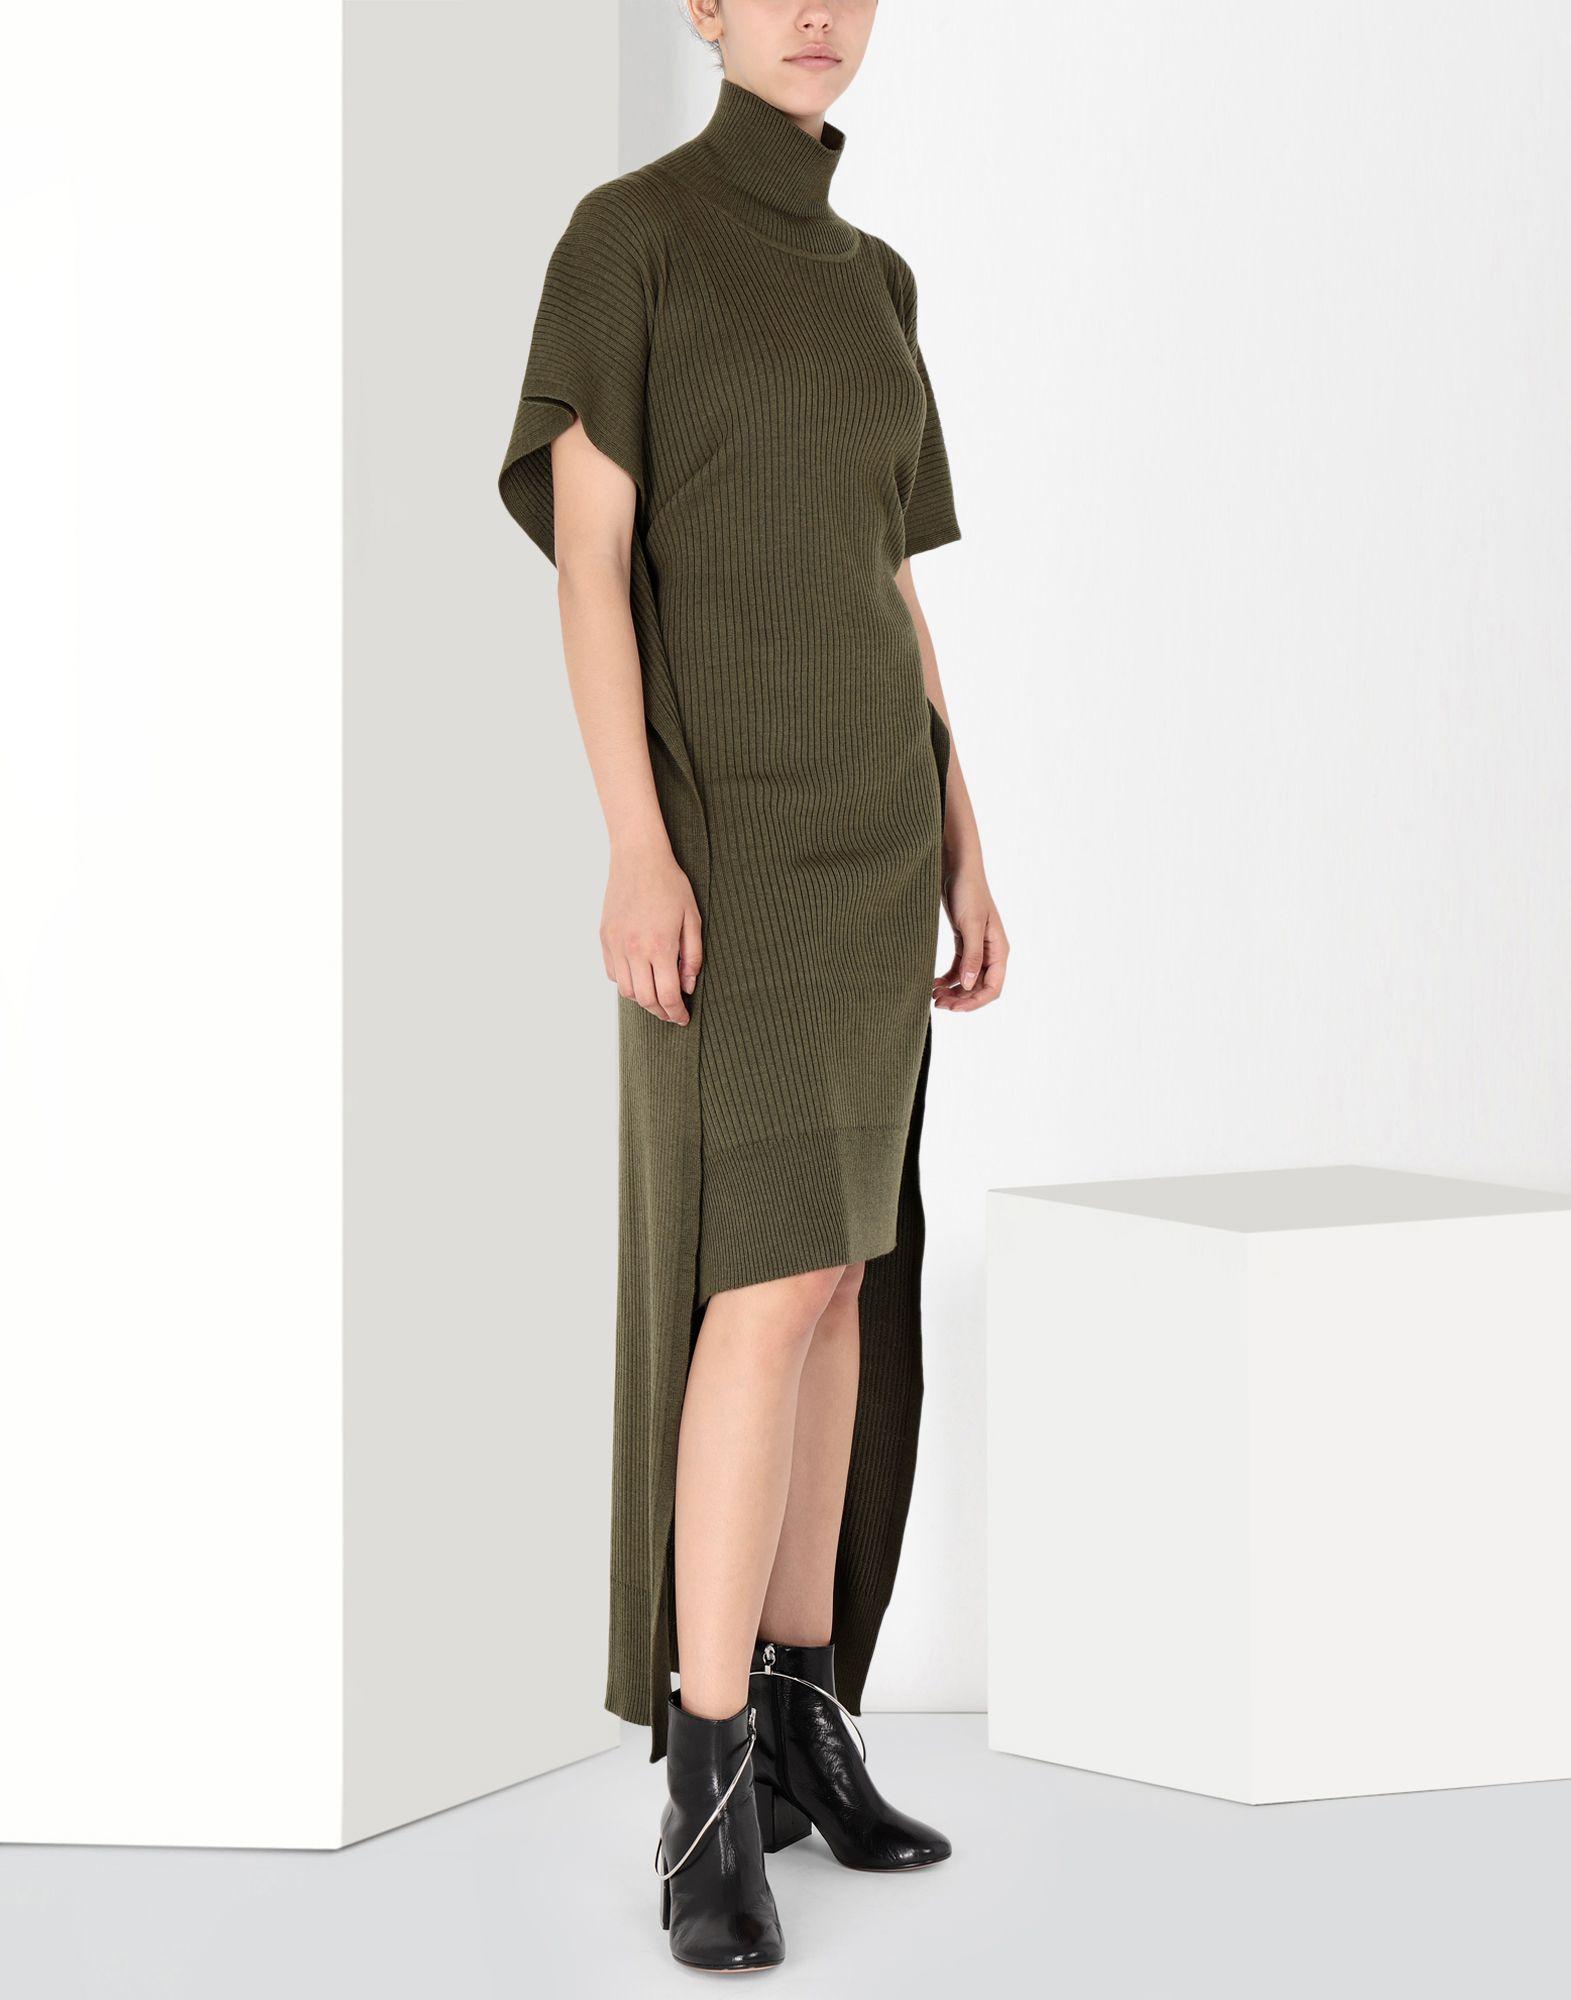 MM6 MAISON MARGIELA Knitwear polo neck dress Long dress Woman f